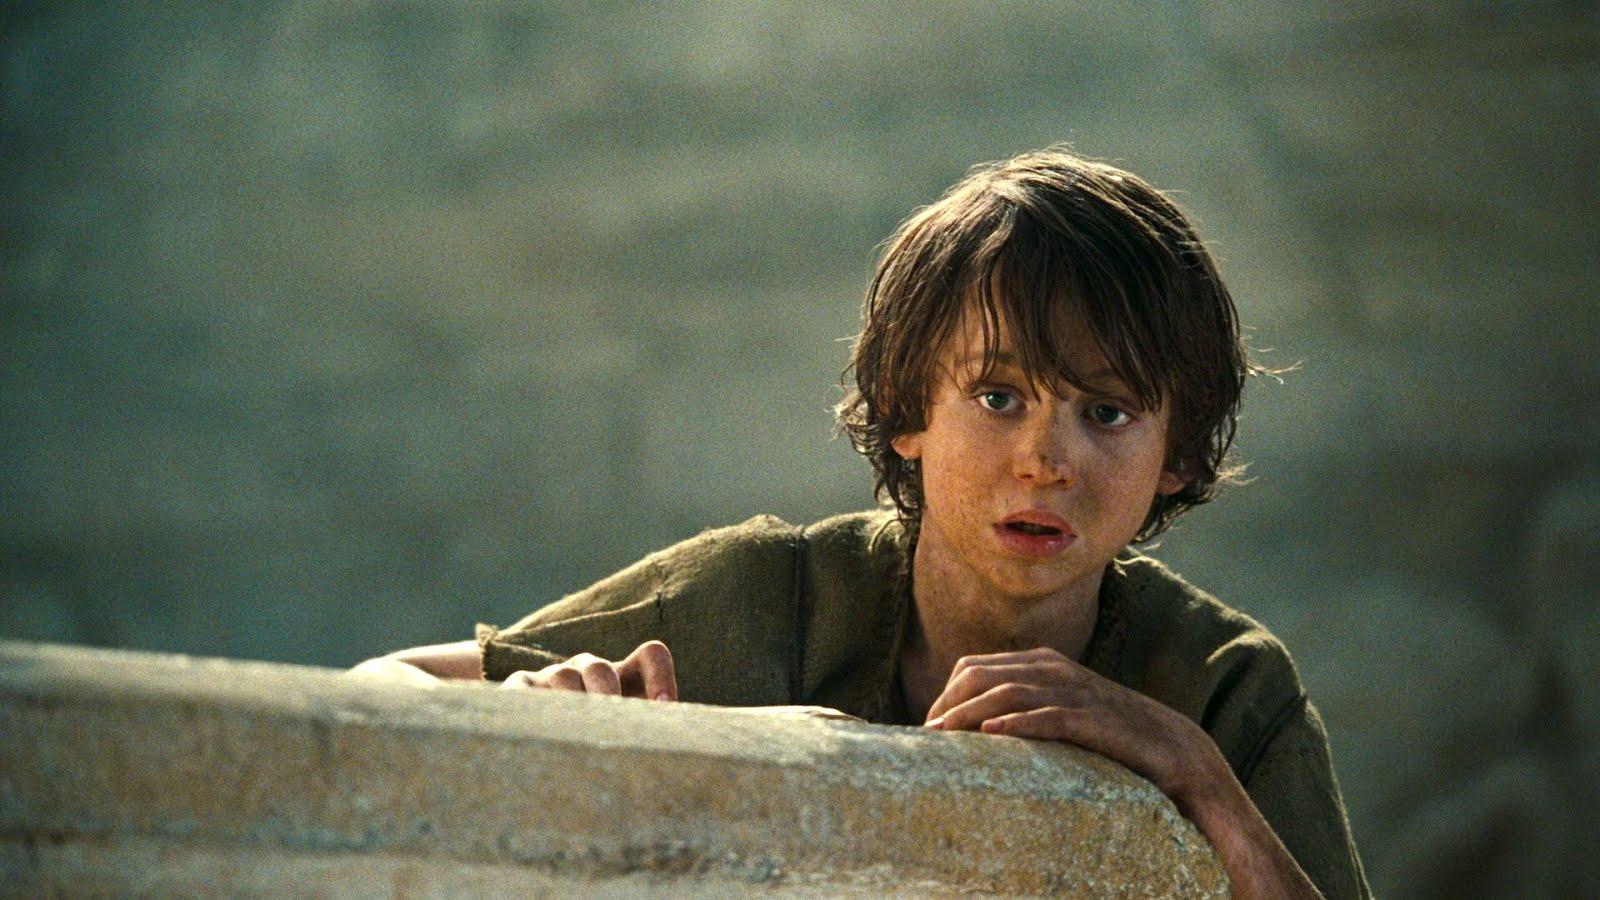 boy Wrath of the Titans a 2012 fantasy movie.jpg